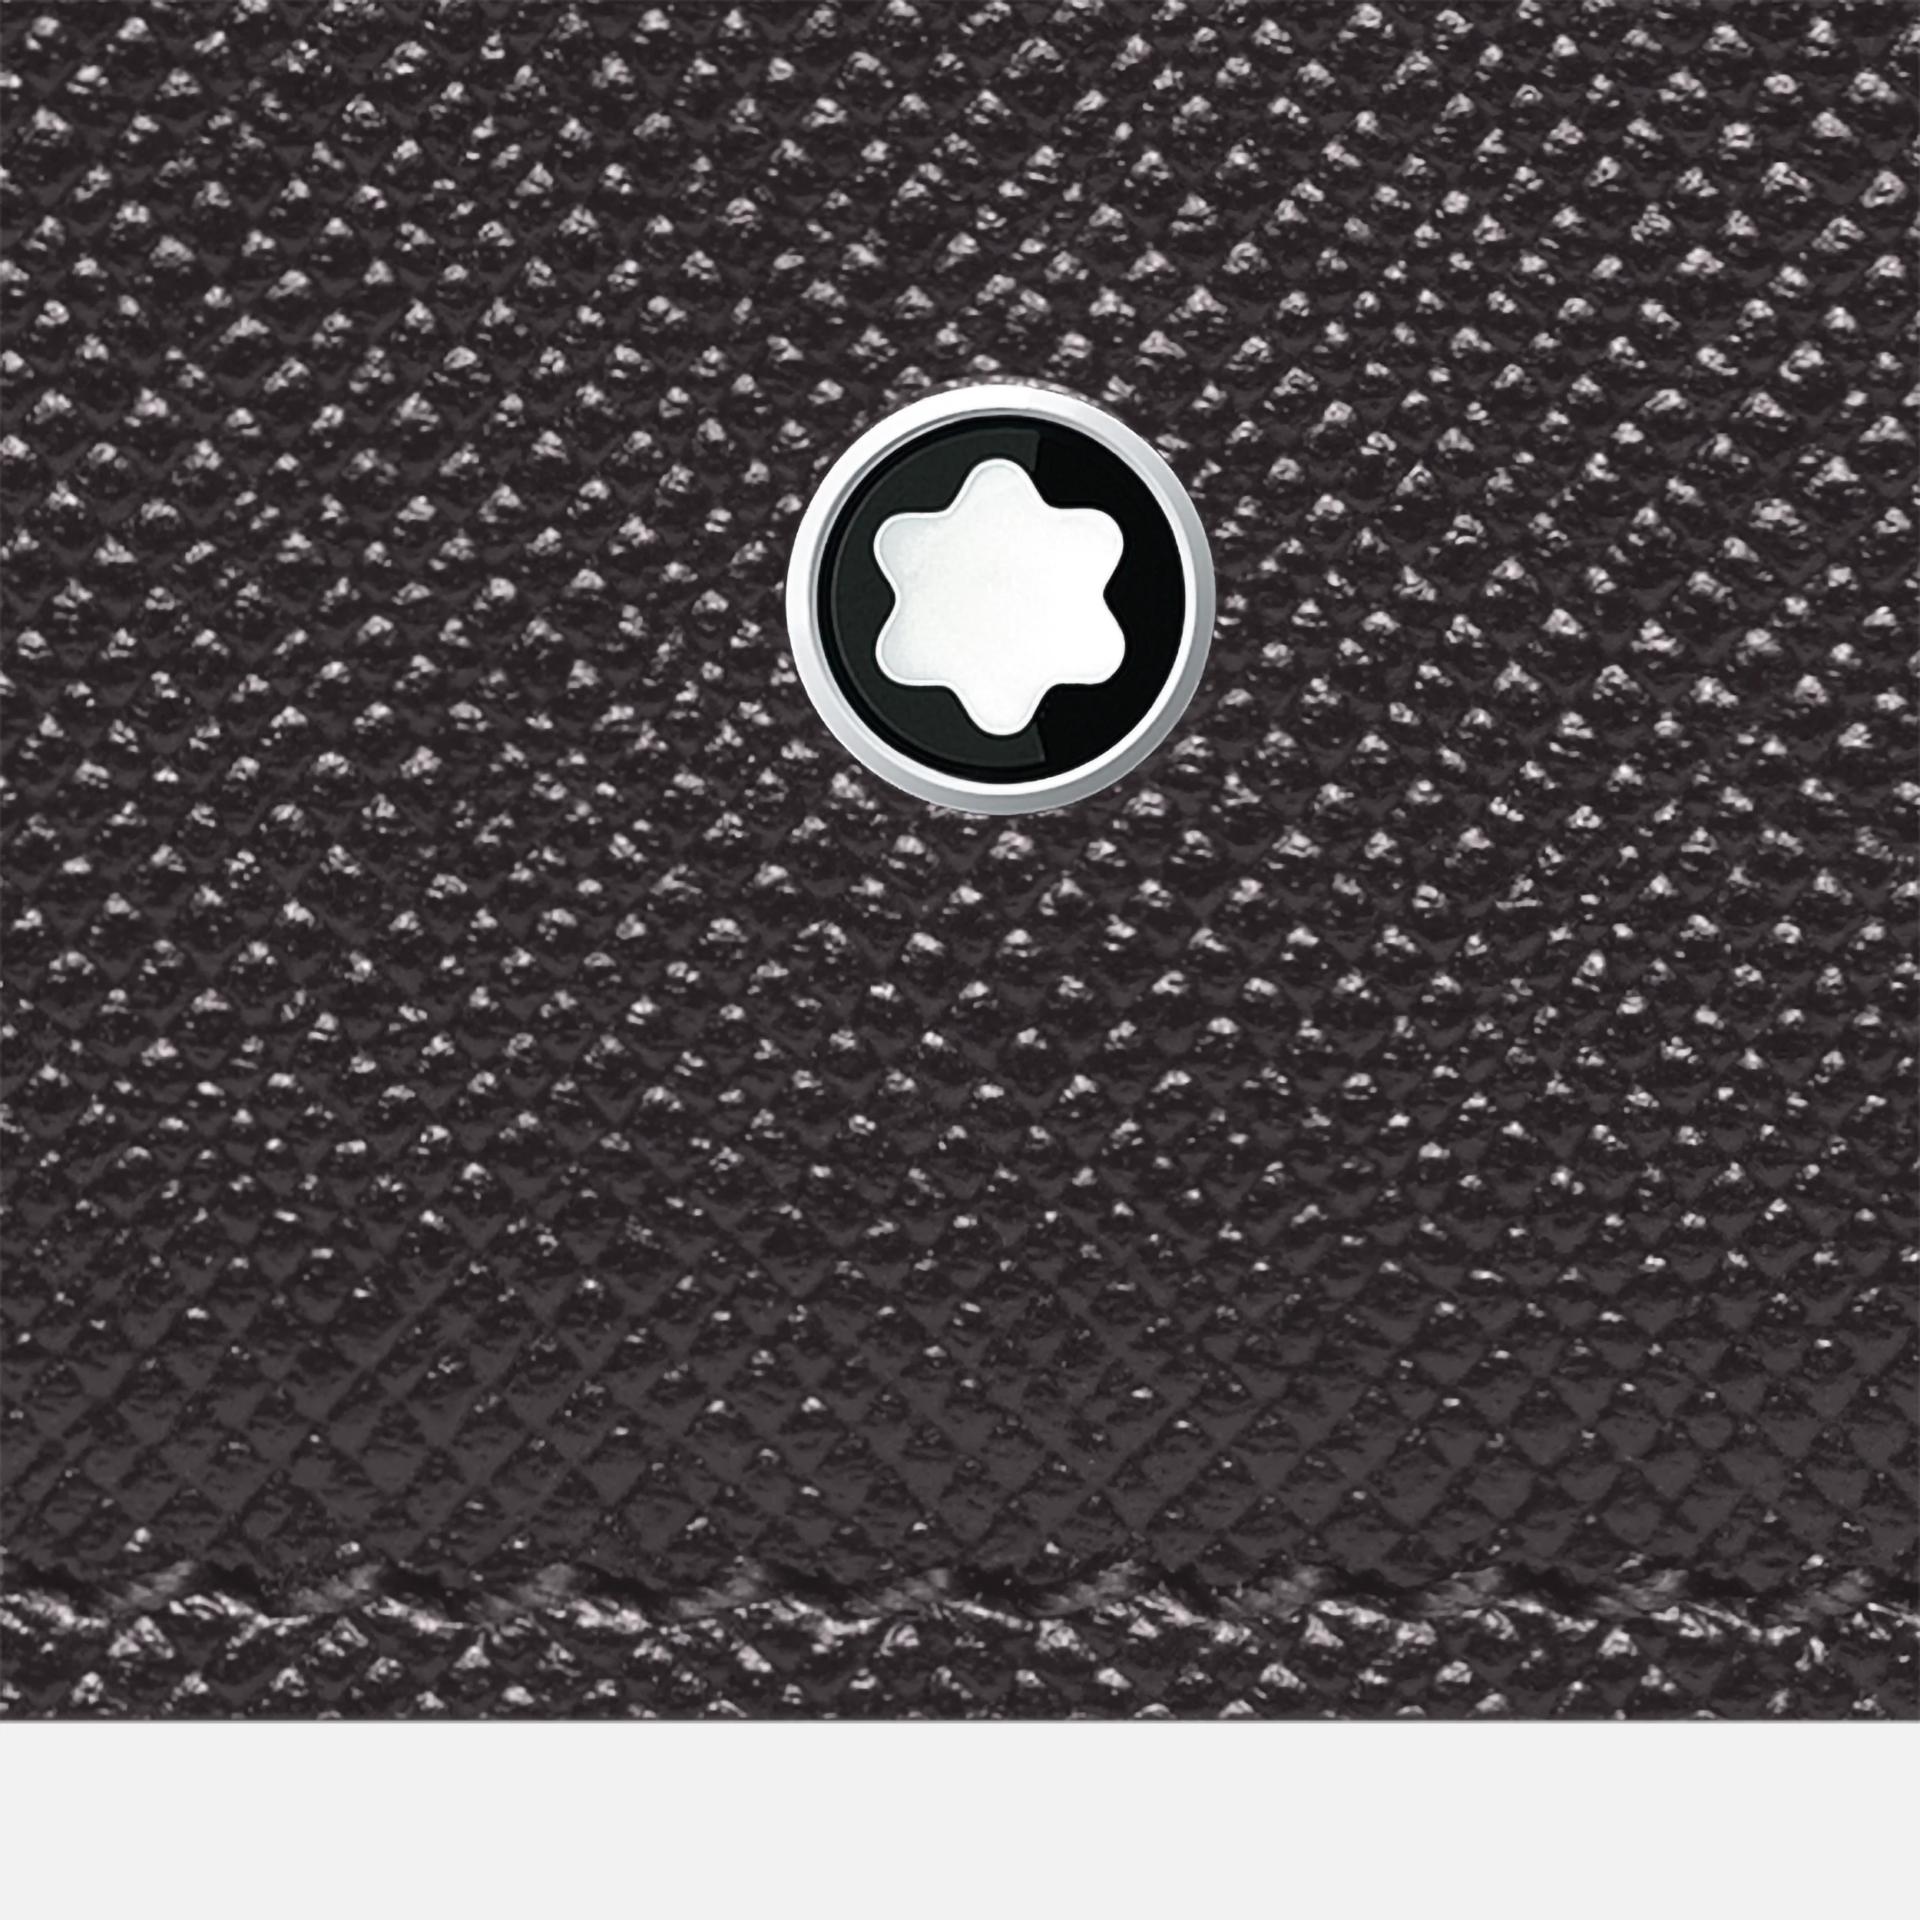 Porte-cartes 5cc, Sartorial gris, Montblanc